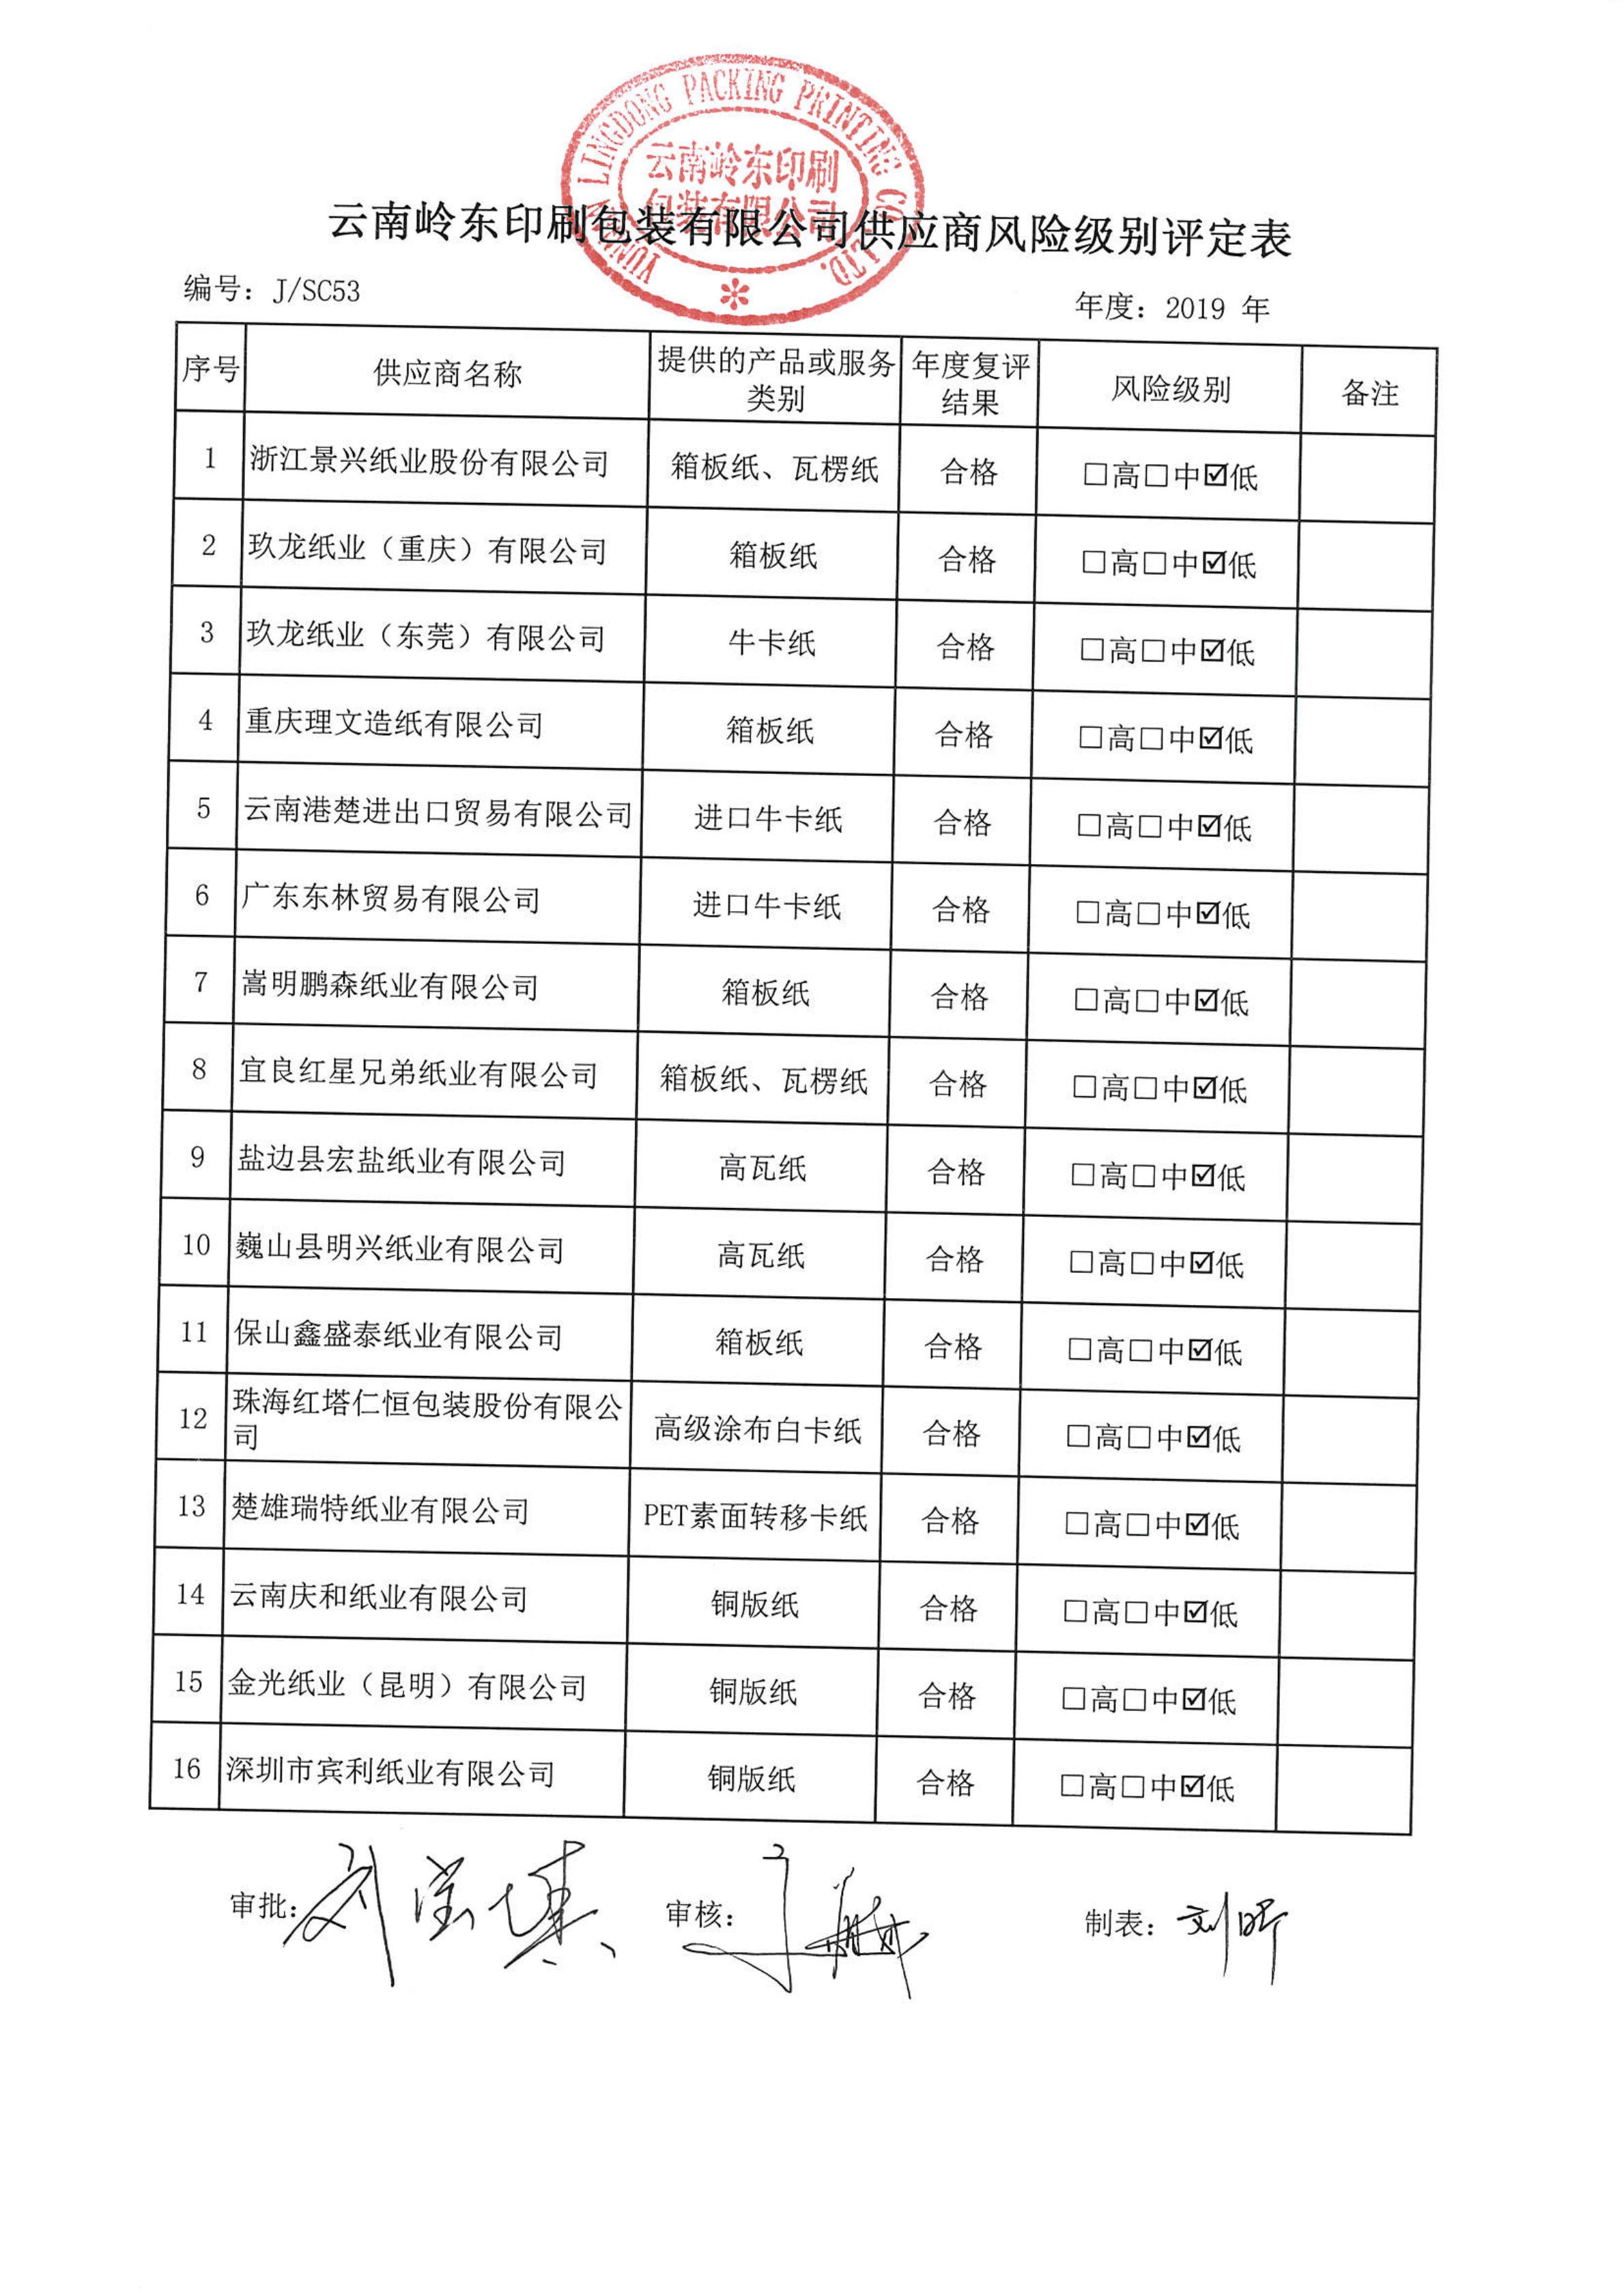 2019年风险评定表(原纸)_00.png